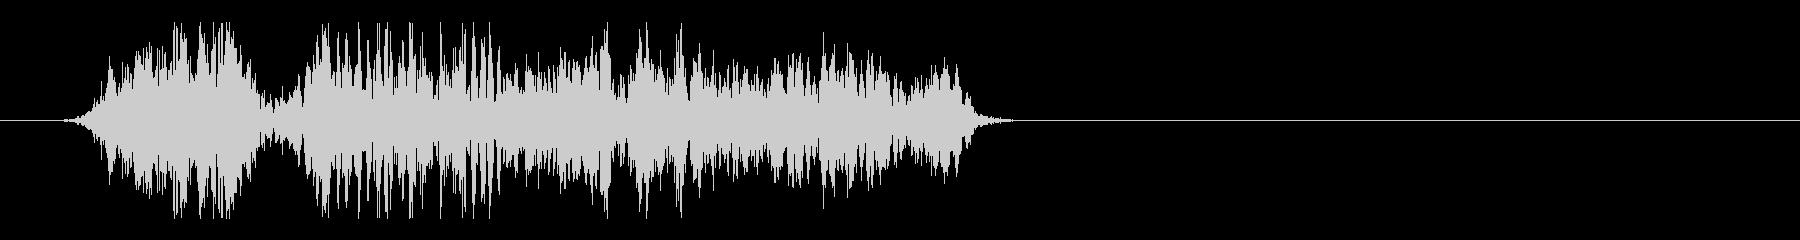 モンスターの雄叫び 2の未再生の波形